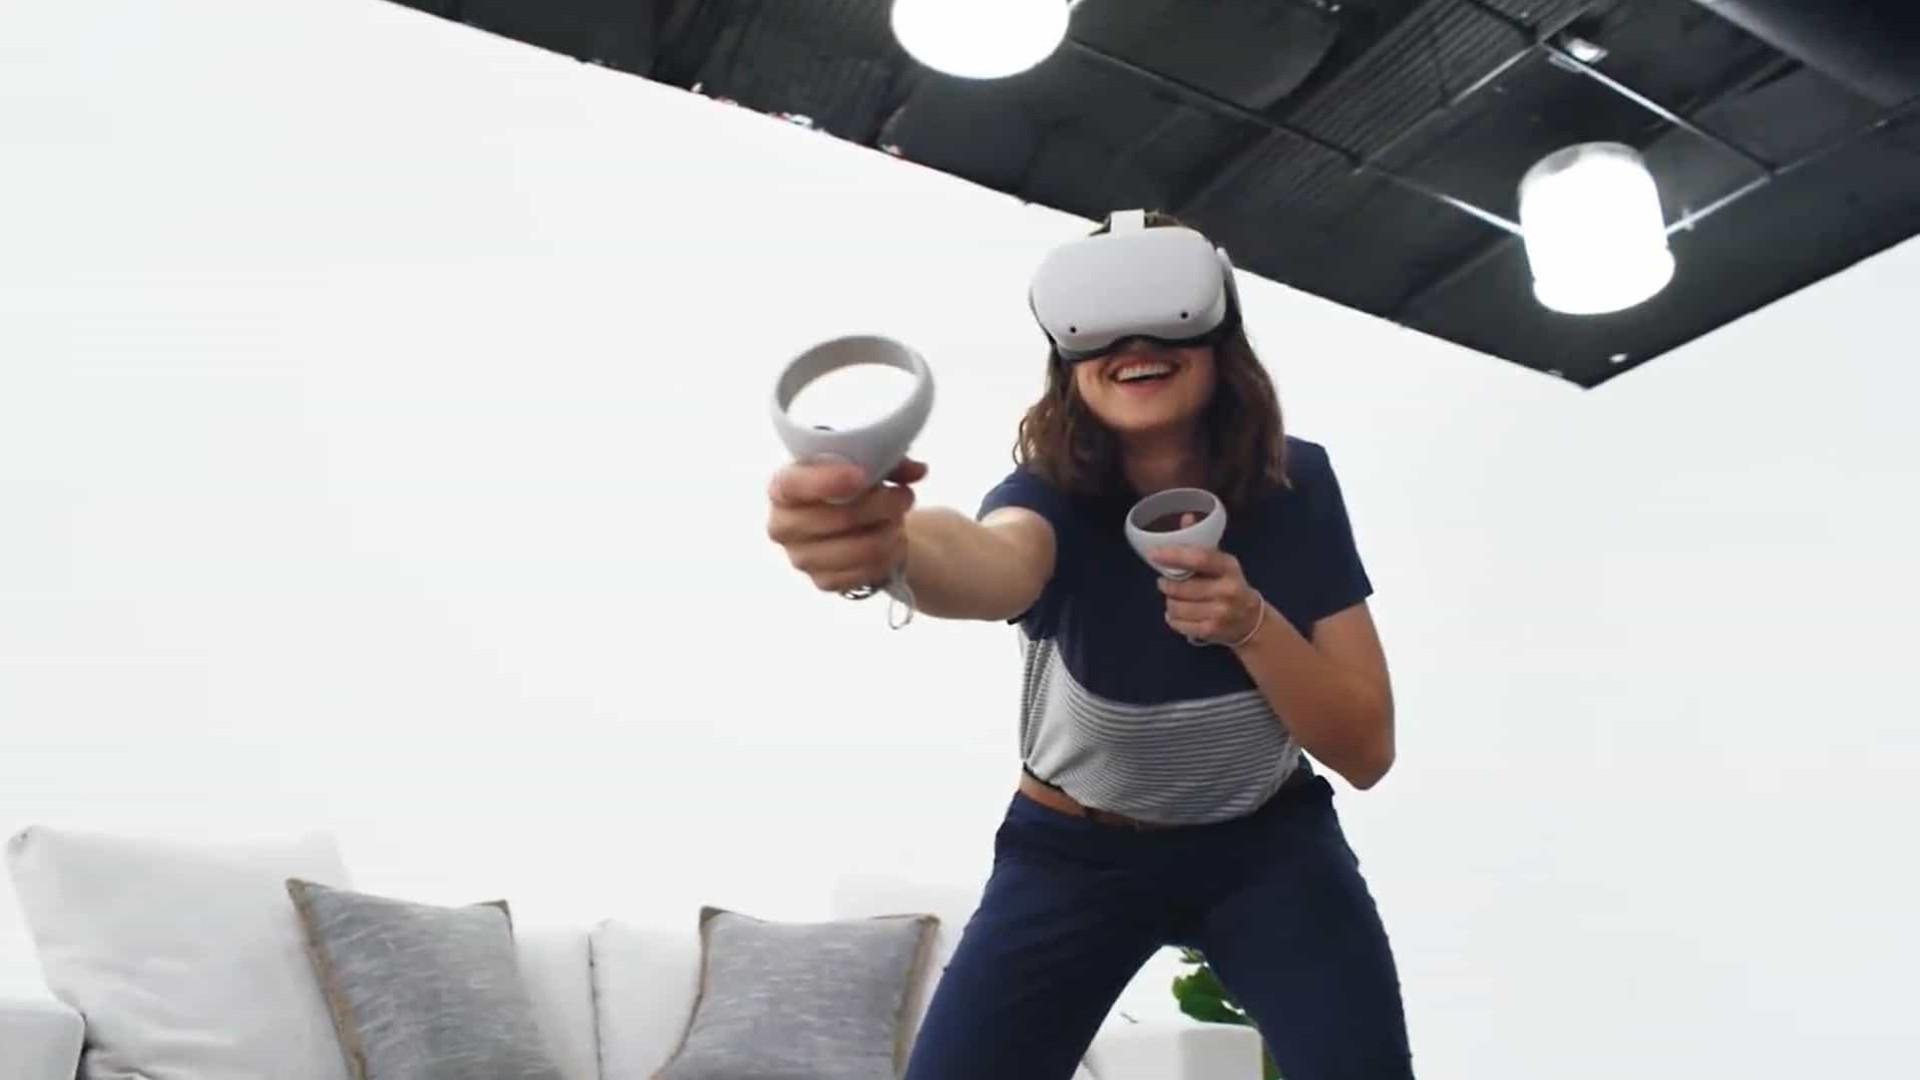 Oculus Quest 2 revelado acidentalmente pelo Facebook. Veja as imagens